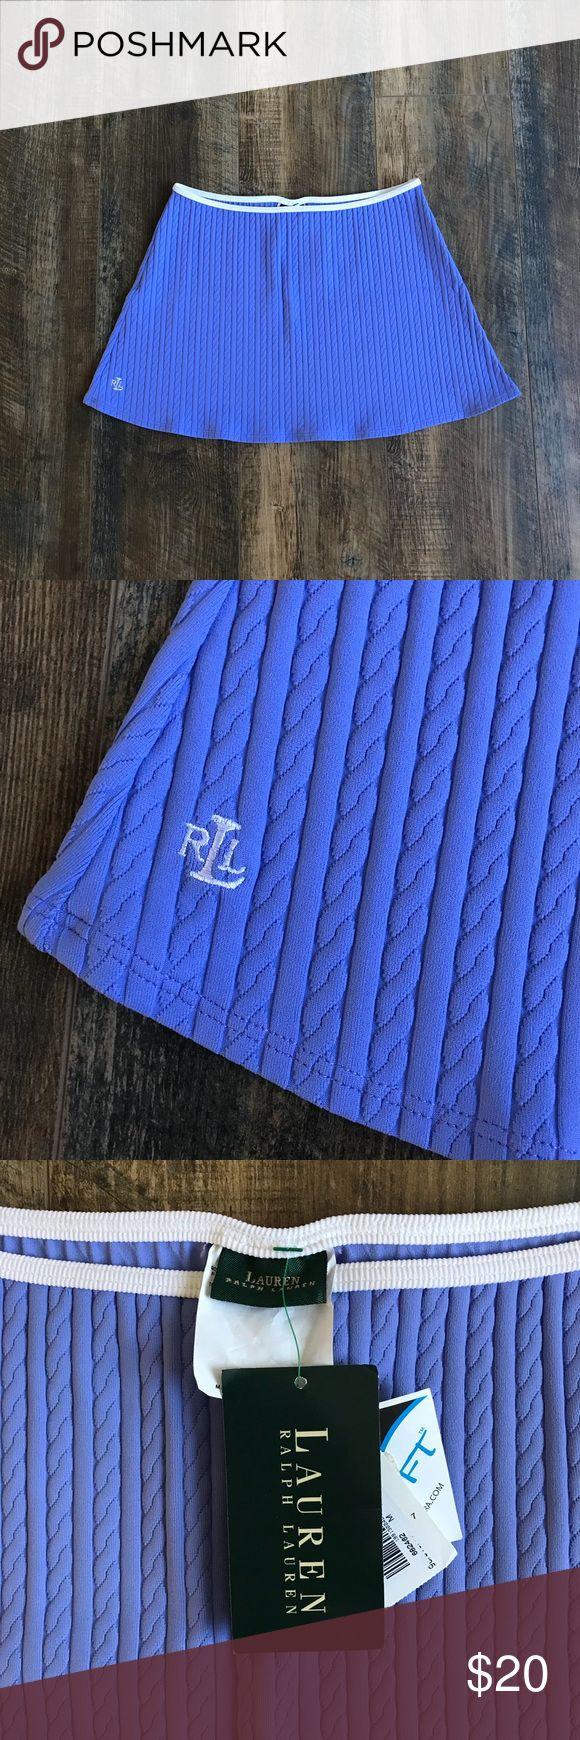 """New Ralph Lauren Purple Tennis Skirt Brand : Ralph Lauren   Size : Medium   Materials : 90% Tactel, 10% Lycra   Condition : Brand new with tags.   Measurements :   Waist around waist = 28""""   Length = 13.5"""" Ralph Lauren Skirts Mini"""